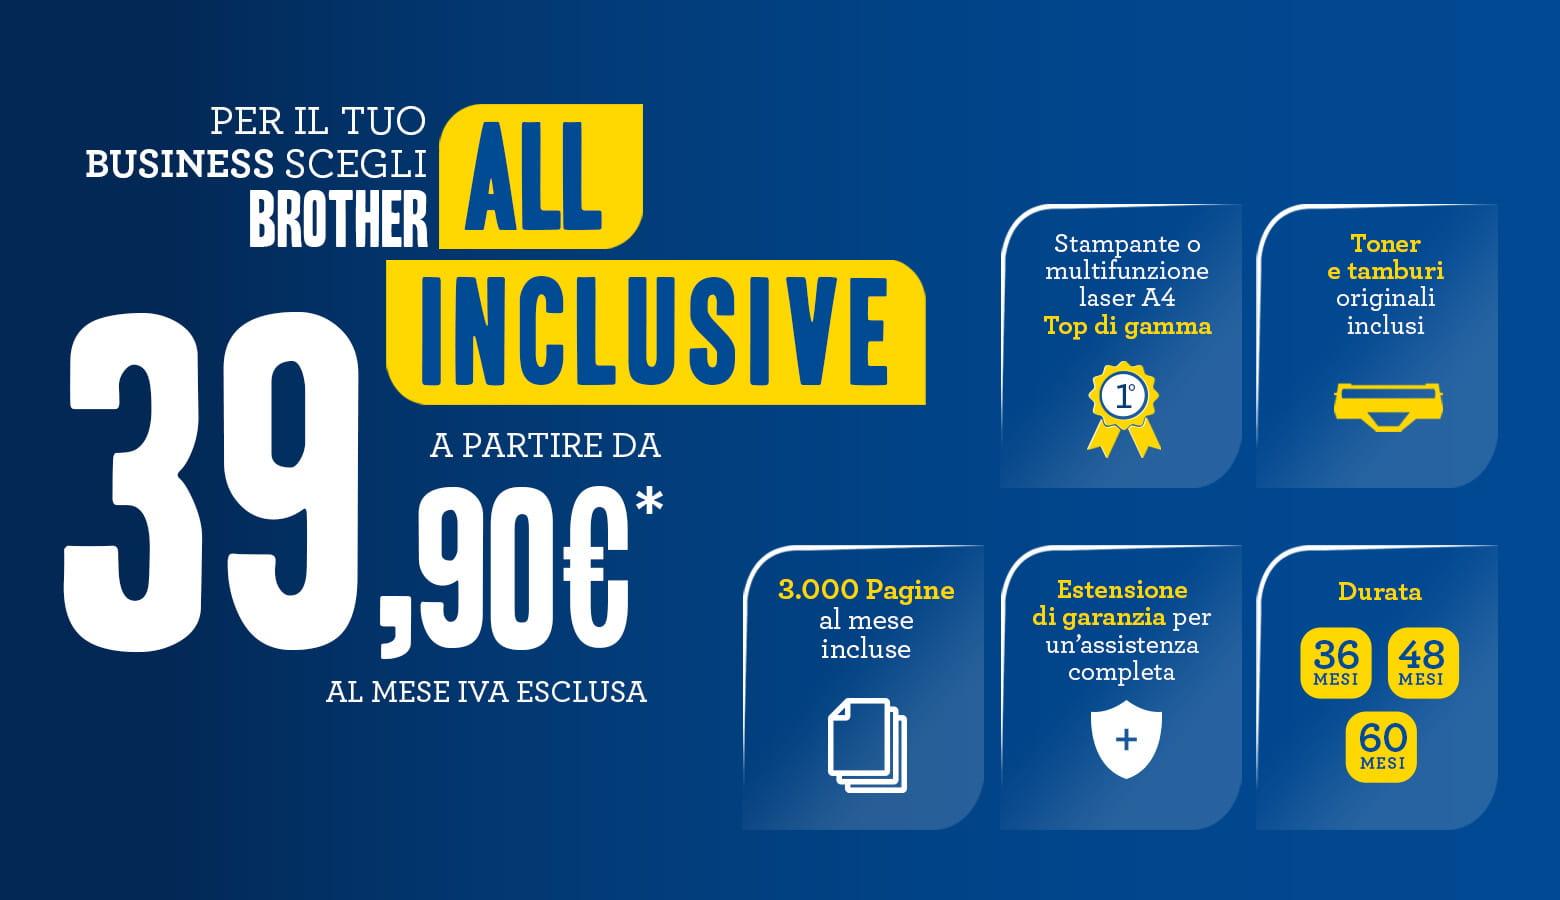 Offerta Brother All Inclusive Business con noleggio stampante incluso. Clicca sull'immagine per scoprire i dettagli